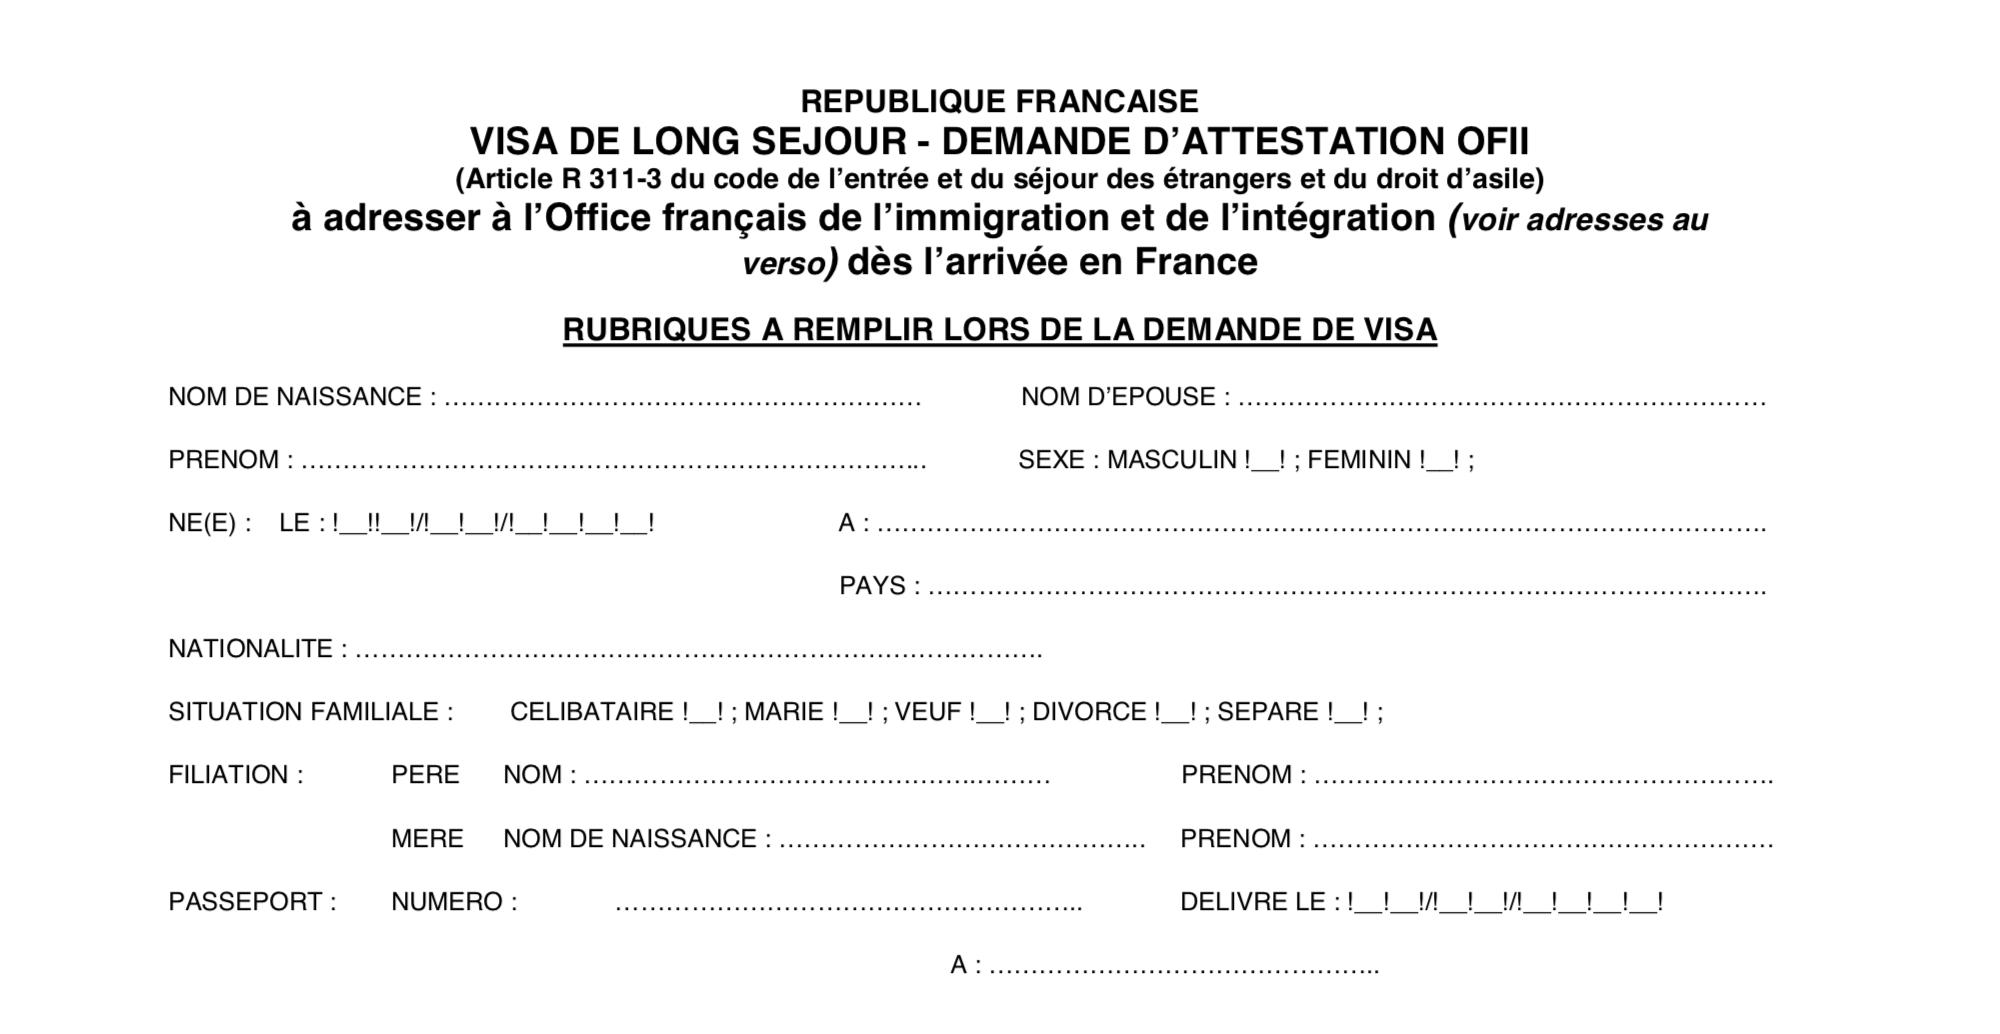 Формуляр OFII нужен длярегистрации после приезда во Францию